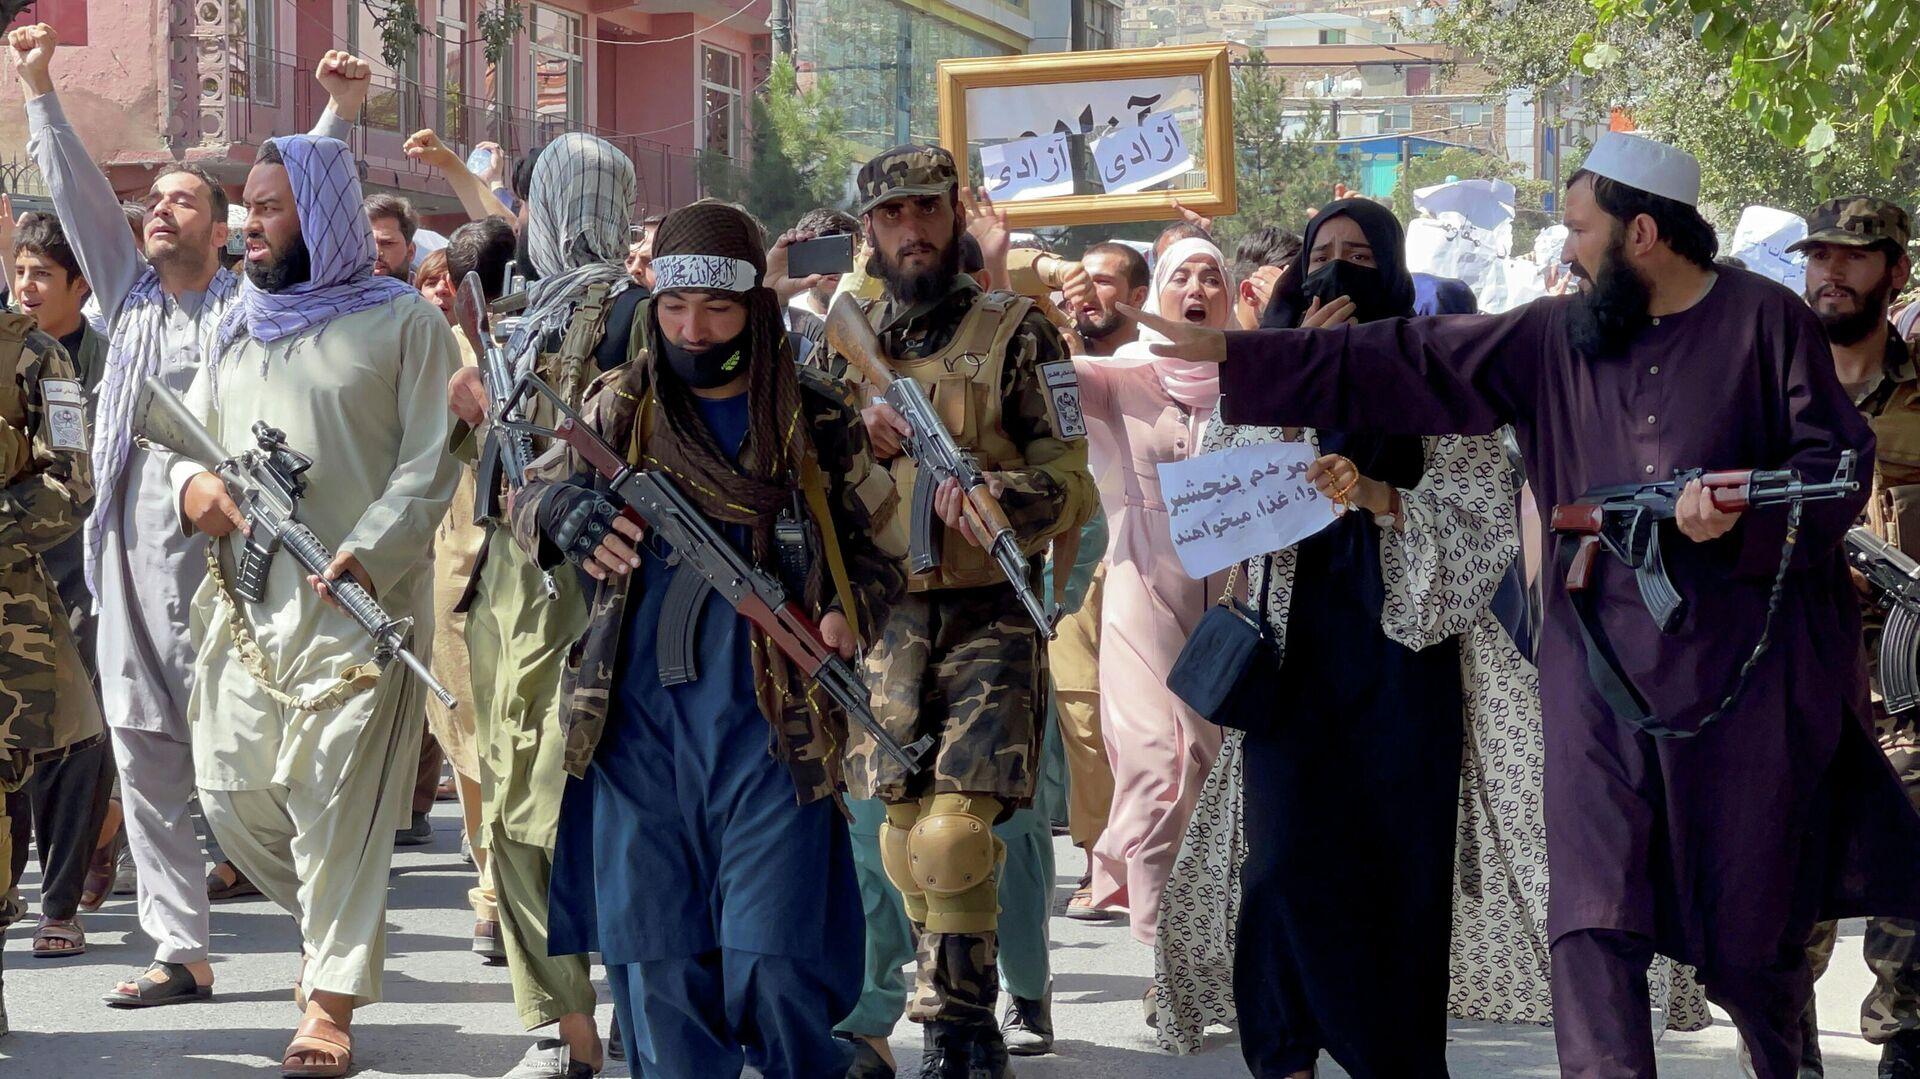 Los talibanes en Afganistán - Sputnik Mundo, 1920, 07.09.2021